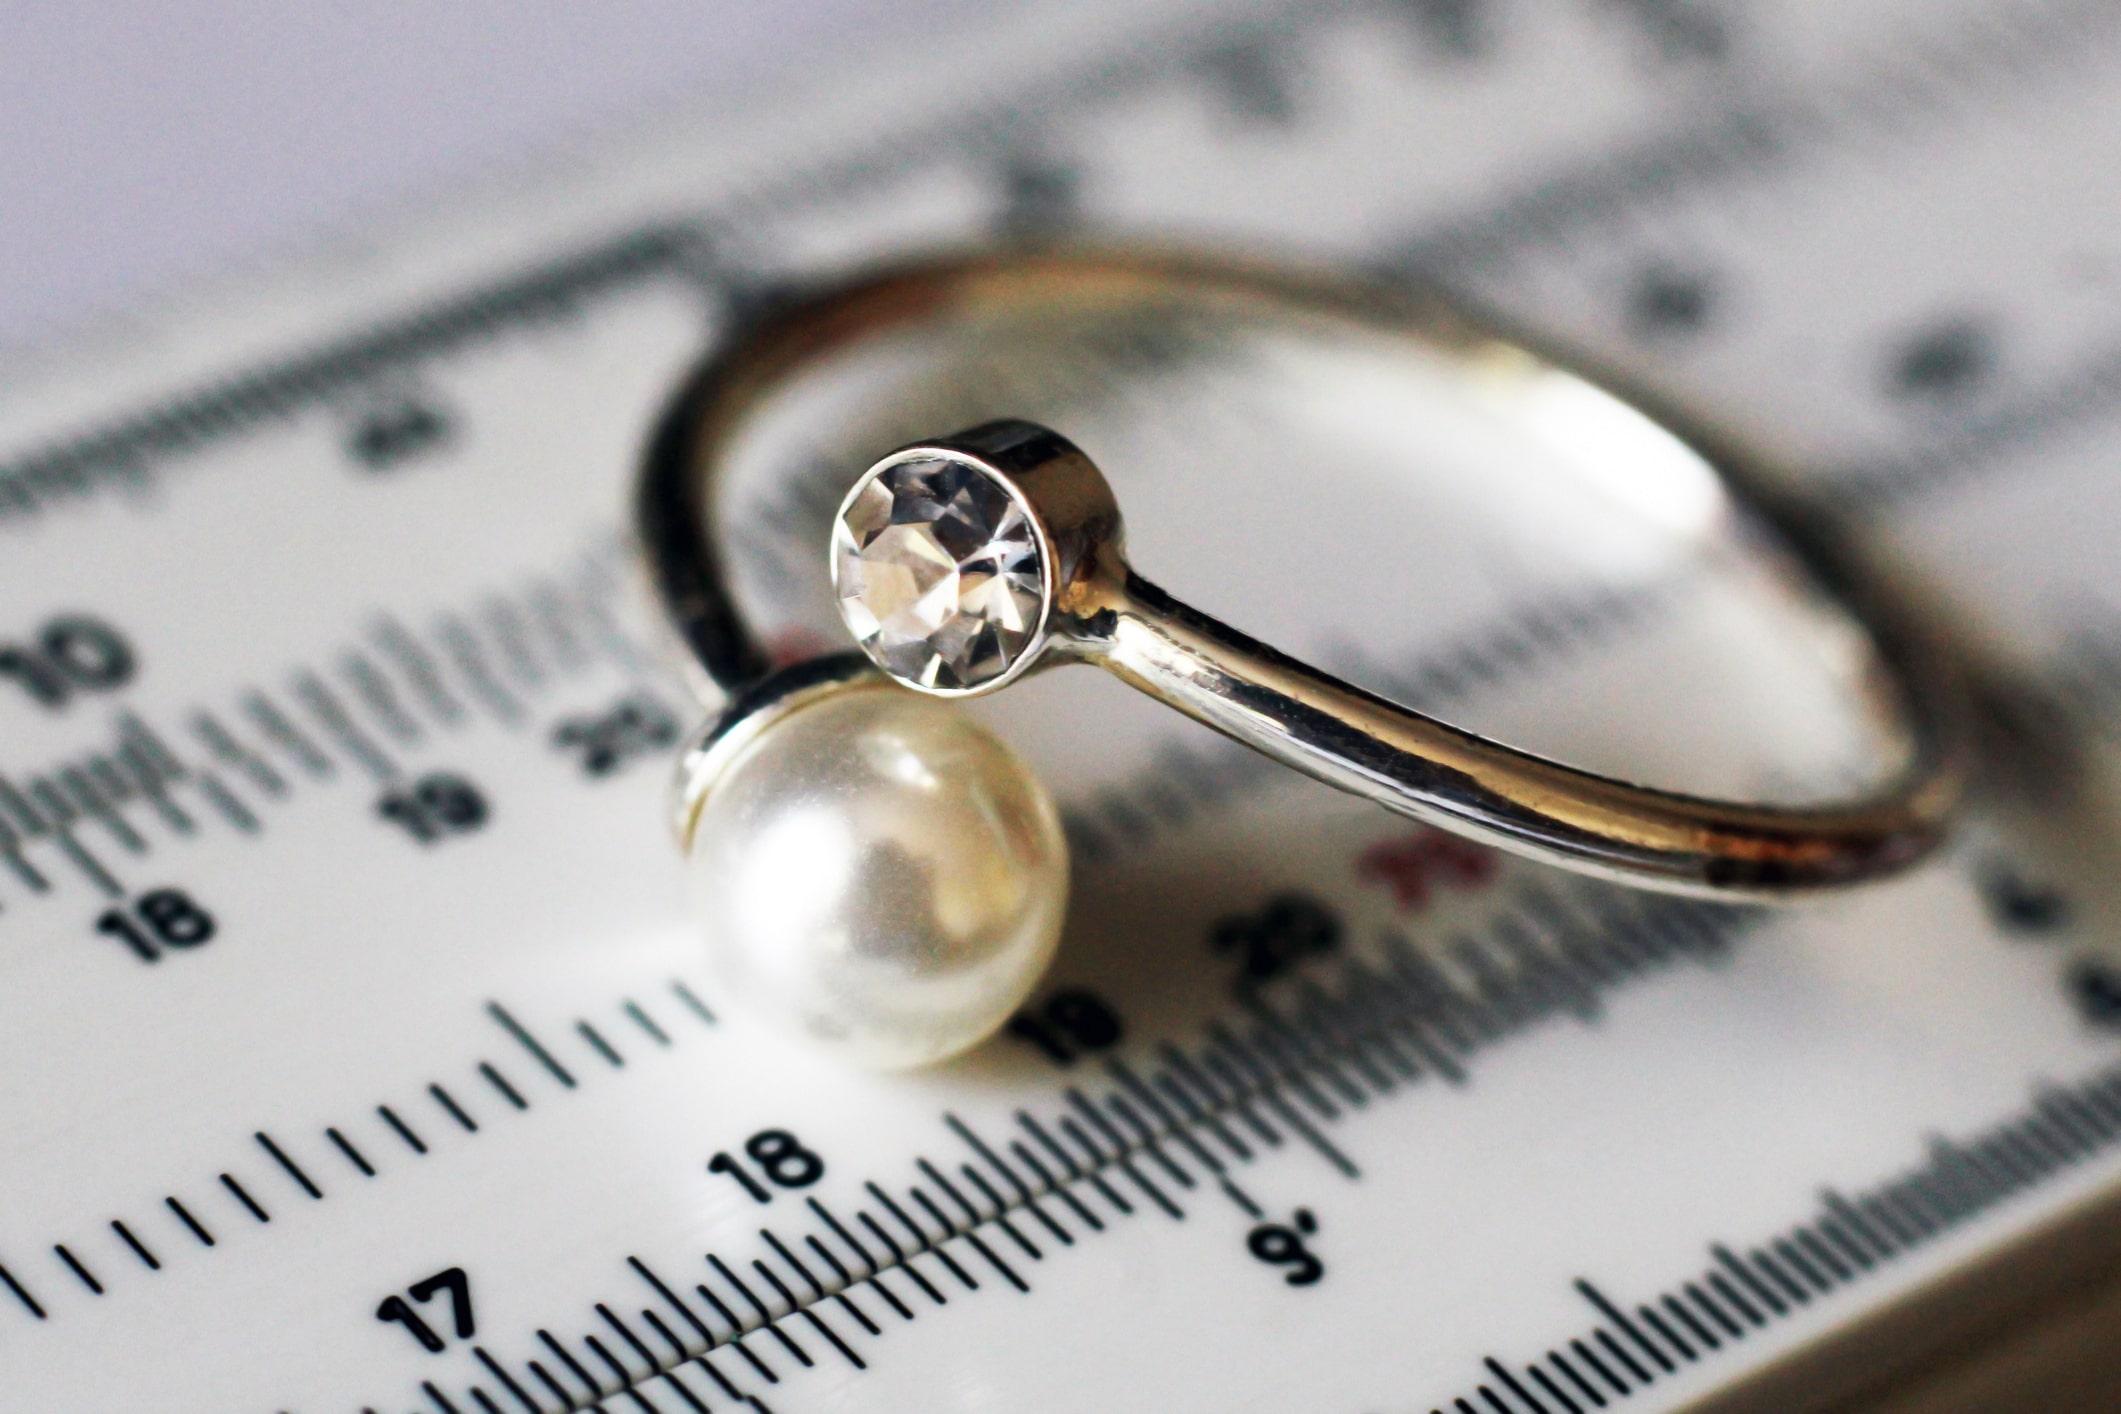 Acquistare un anello su internet: come scegliere la misura giusta? | Gioiello Italiano